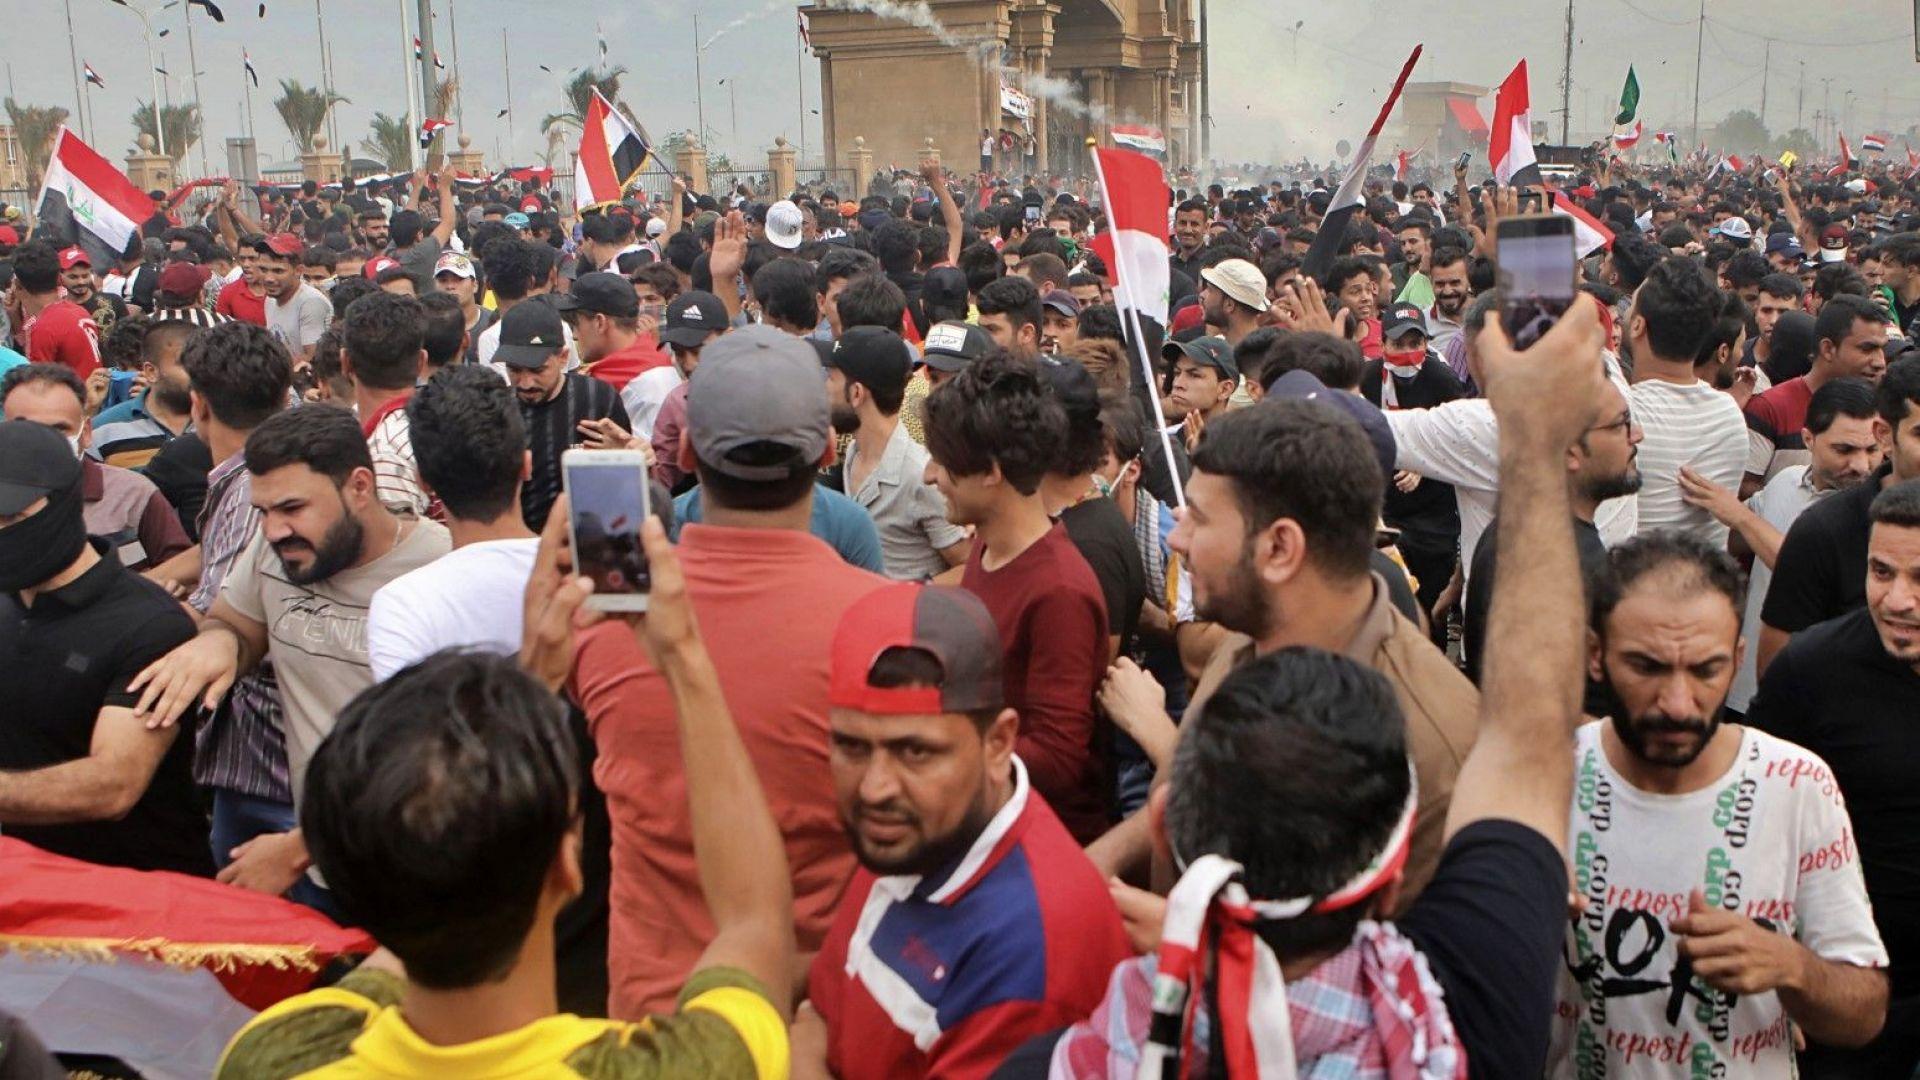 Светът бушува от демонстрации и насилие, Гутериш изтъкна нестабилността в живота